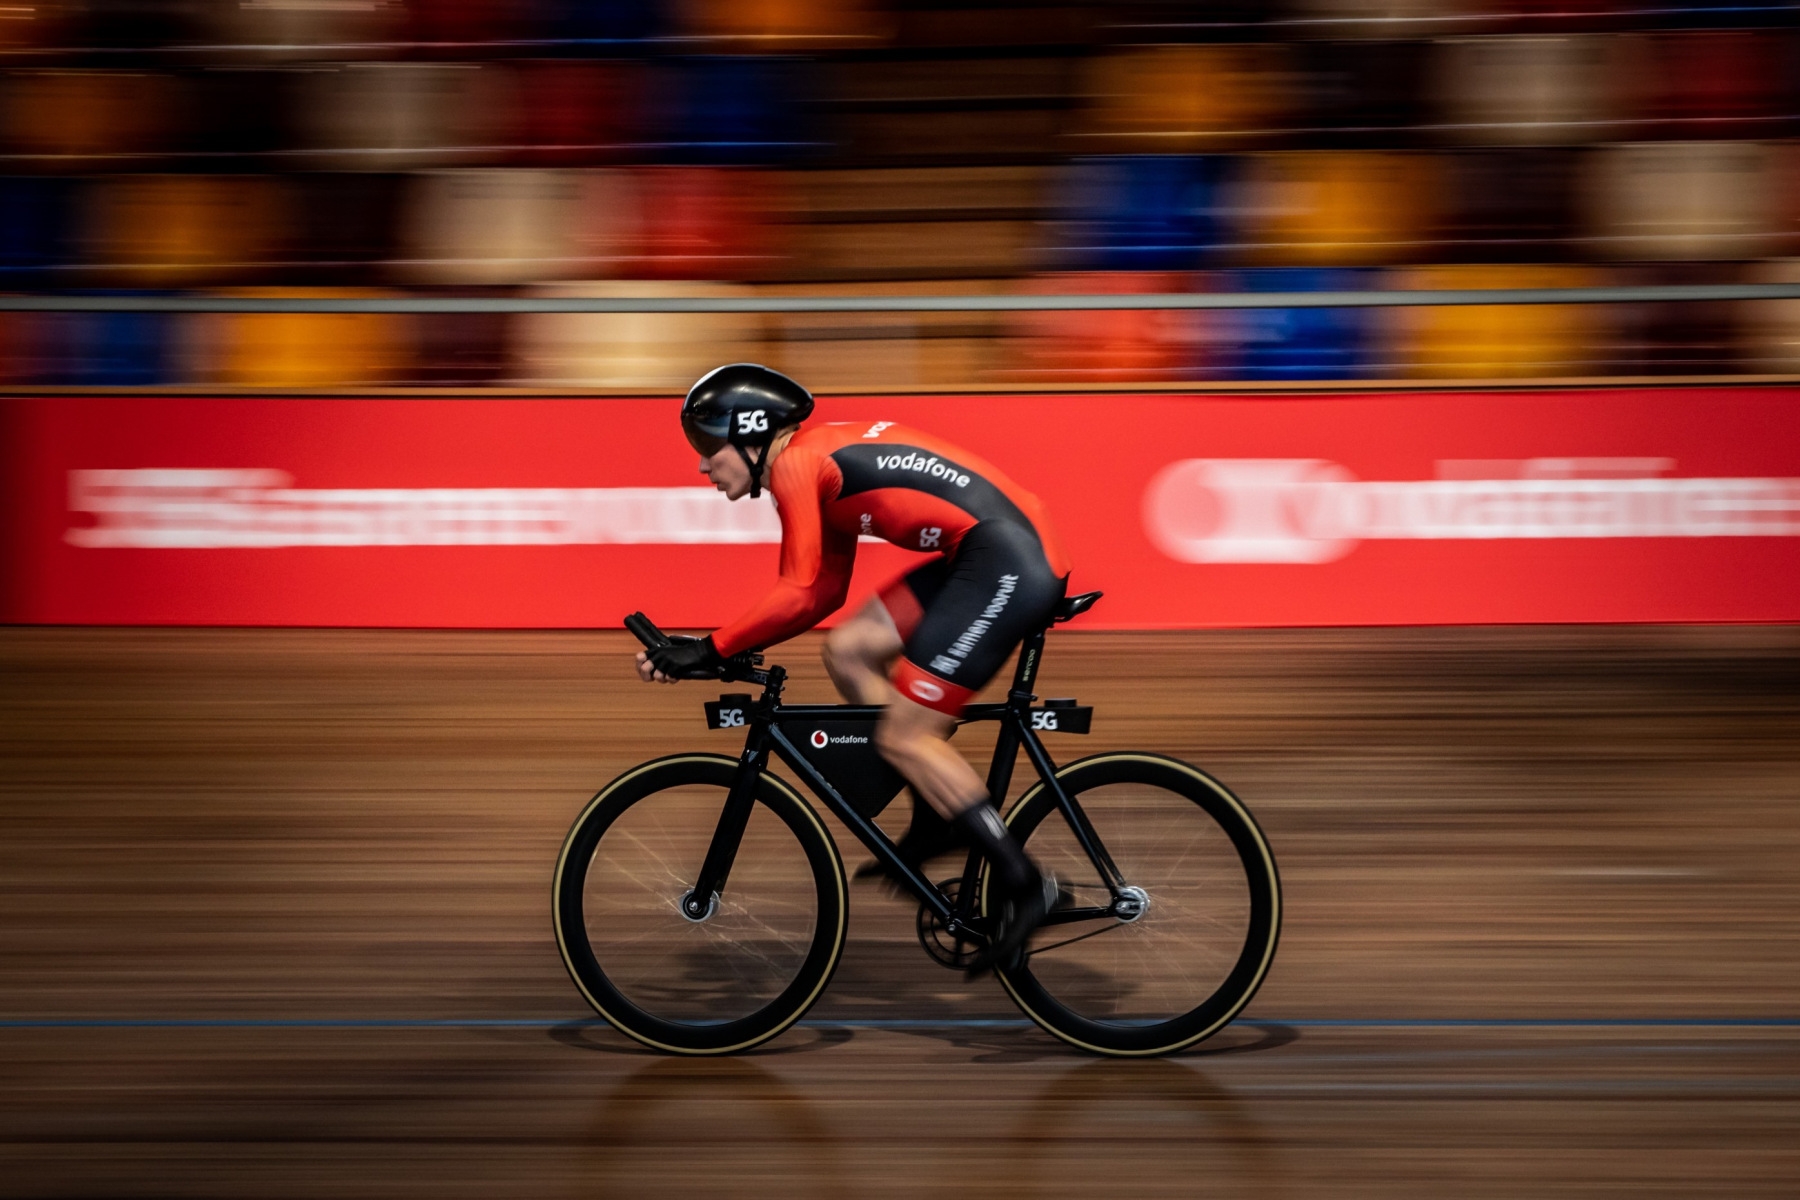 ALKMAAR - Paralympisch kampioen wielrennen  Tristan Bangma, kan dankzij het snelle 5G netwerk van Vodafone zelfstandig de wielerbaan rond fietsen.  Foto: Diederik van der Laan / Dutch Photo Agency